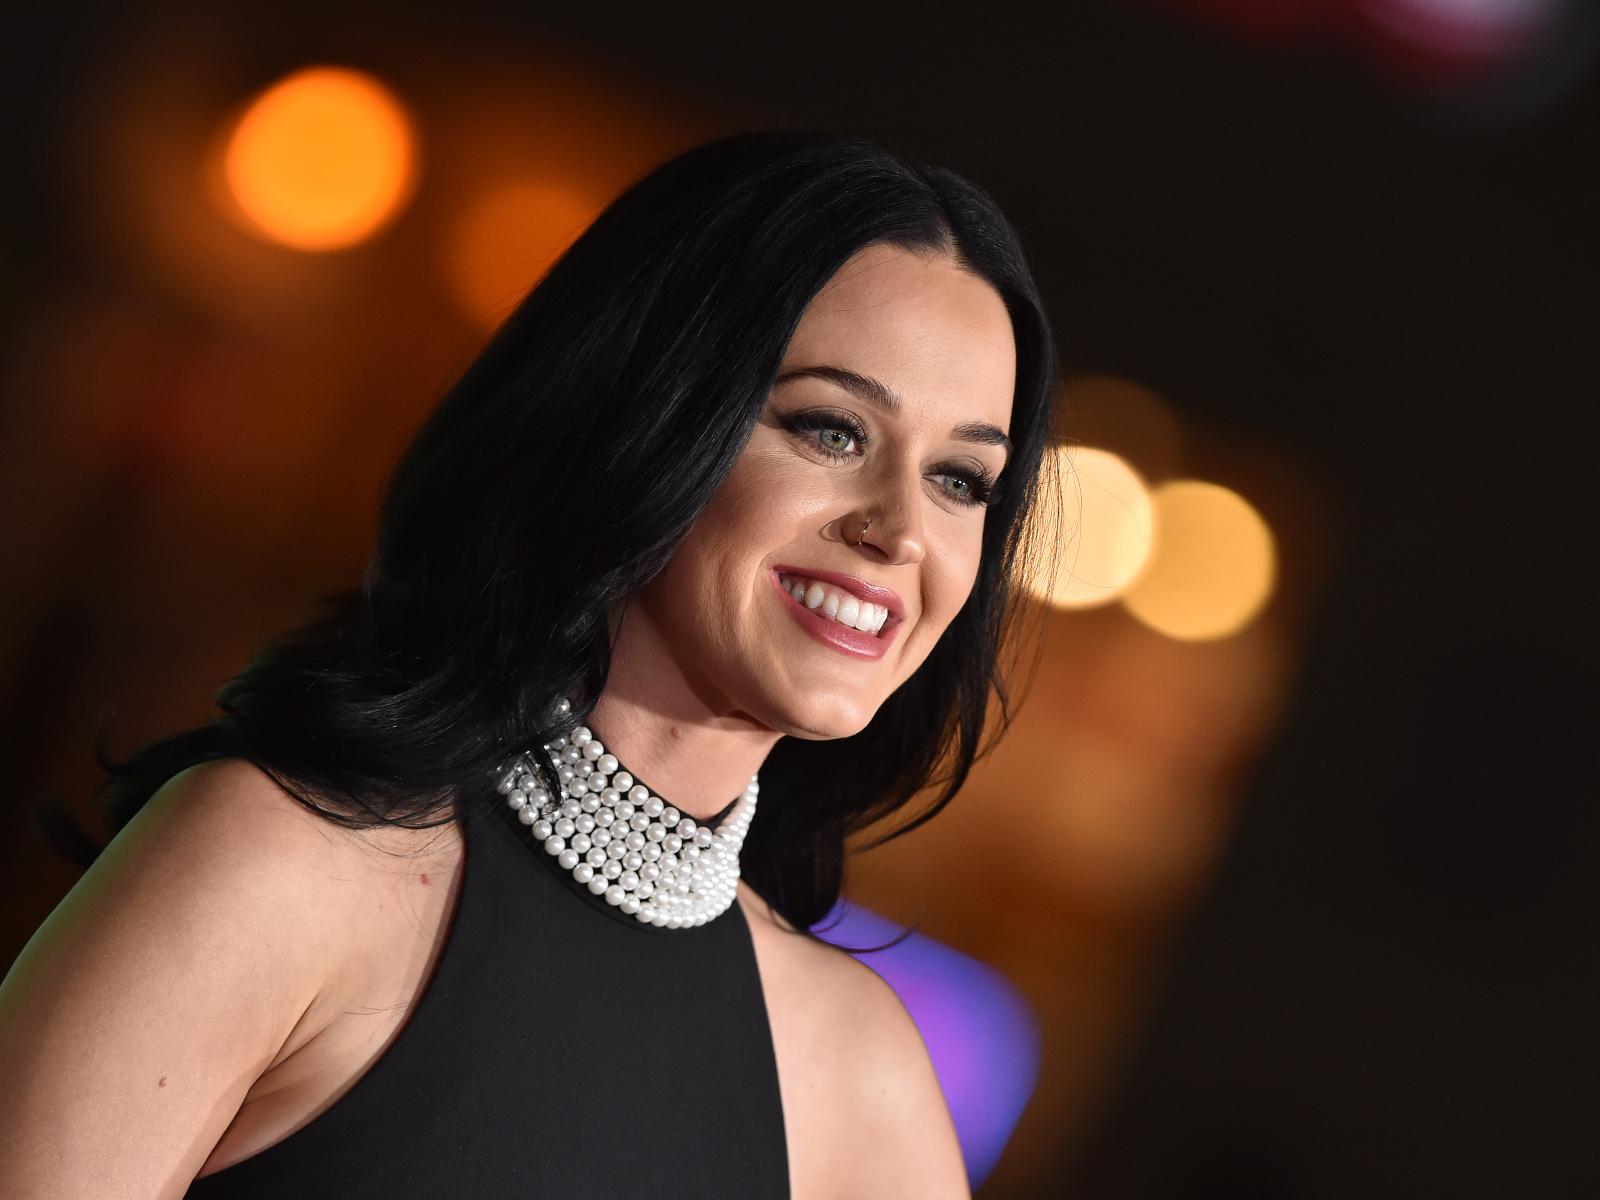 Smiling Brunette Girl Singer Katy Perry Desktop Wallpapers